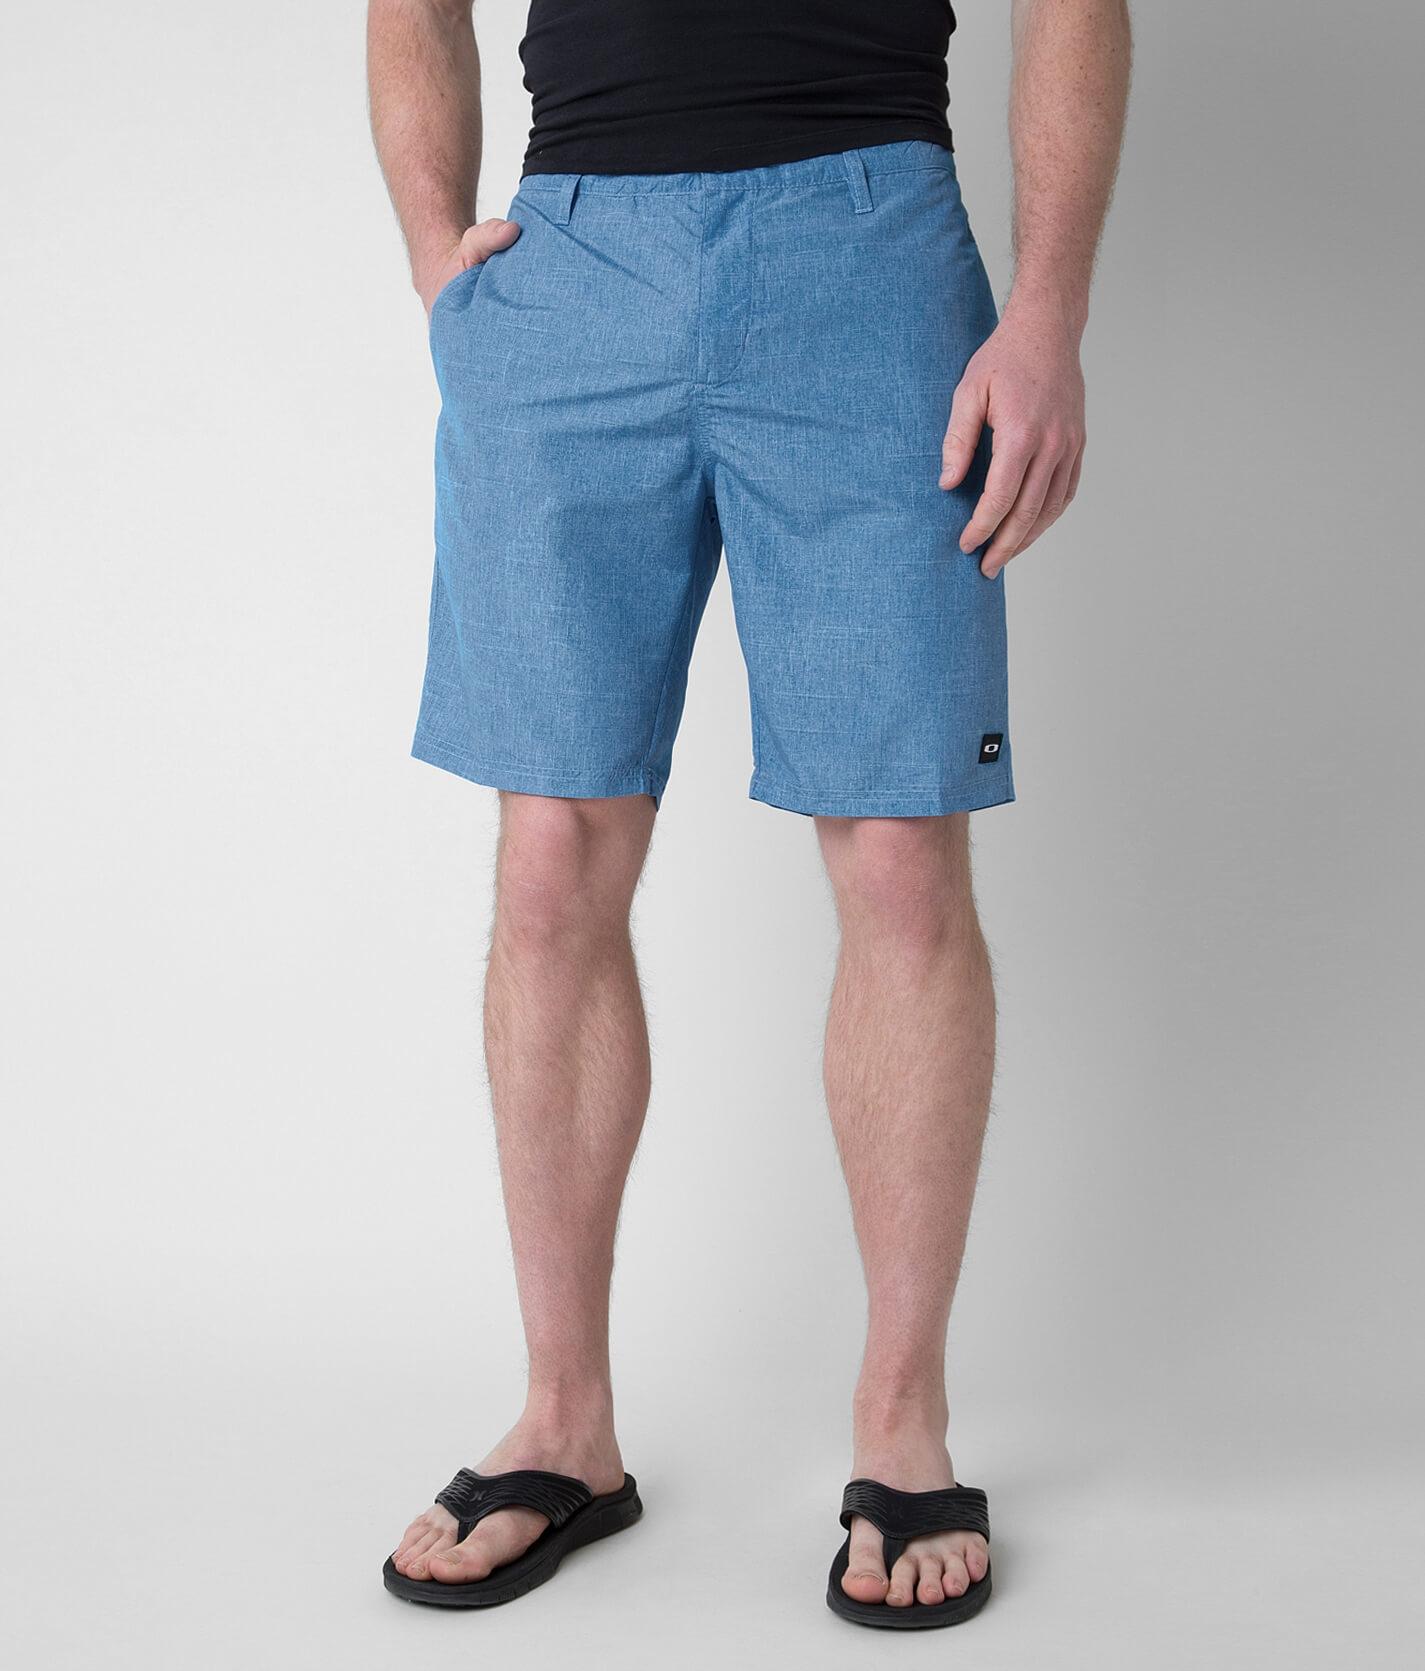 oakley shorts  Shorts for Men - Oakley